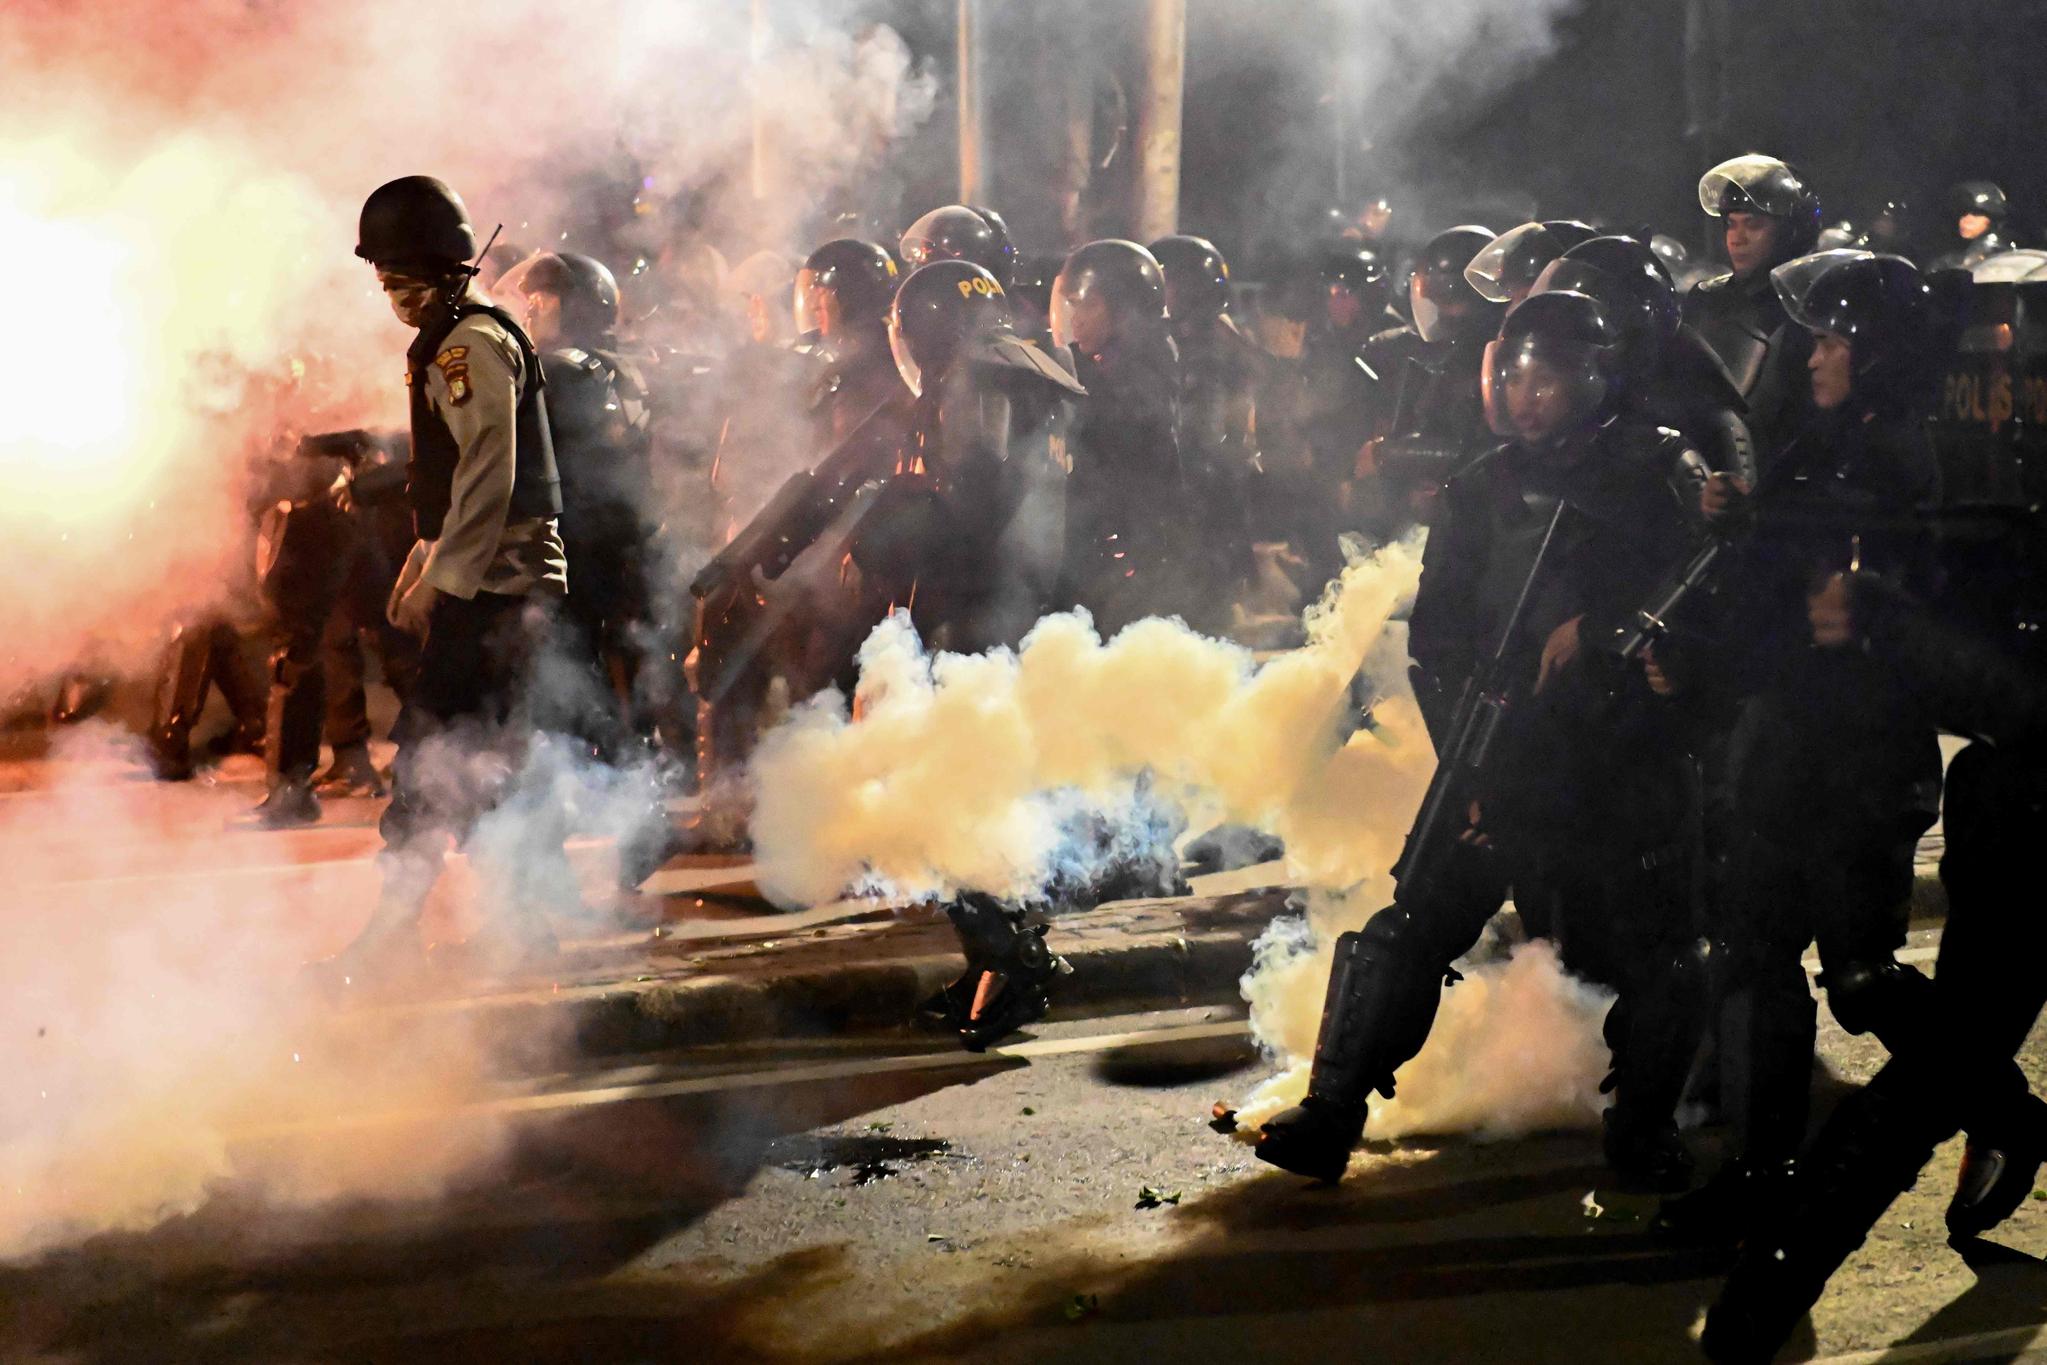 인도네시아 경찰이 22일(현지시간) 자카르타 선거감독위원회 인근에서 시위대를 향해 체류탄을 쏘고 있다. [AFP=연합뉴스]